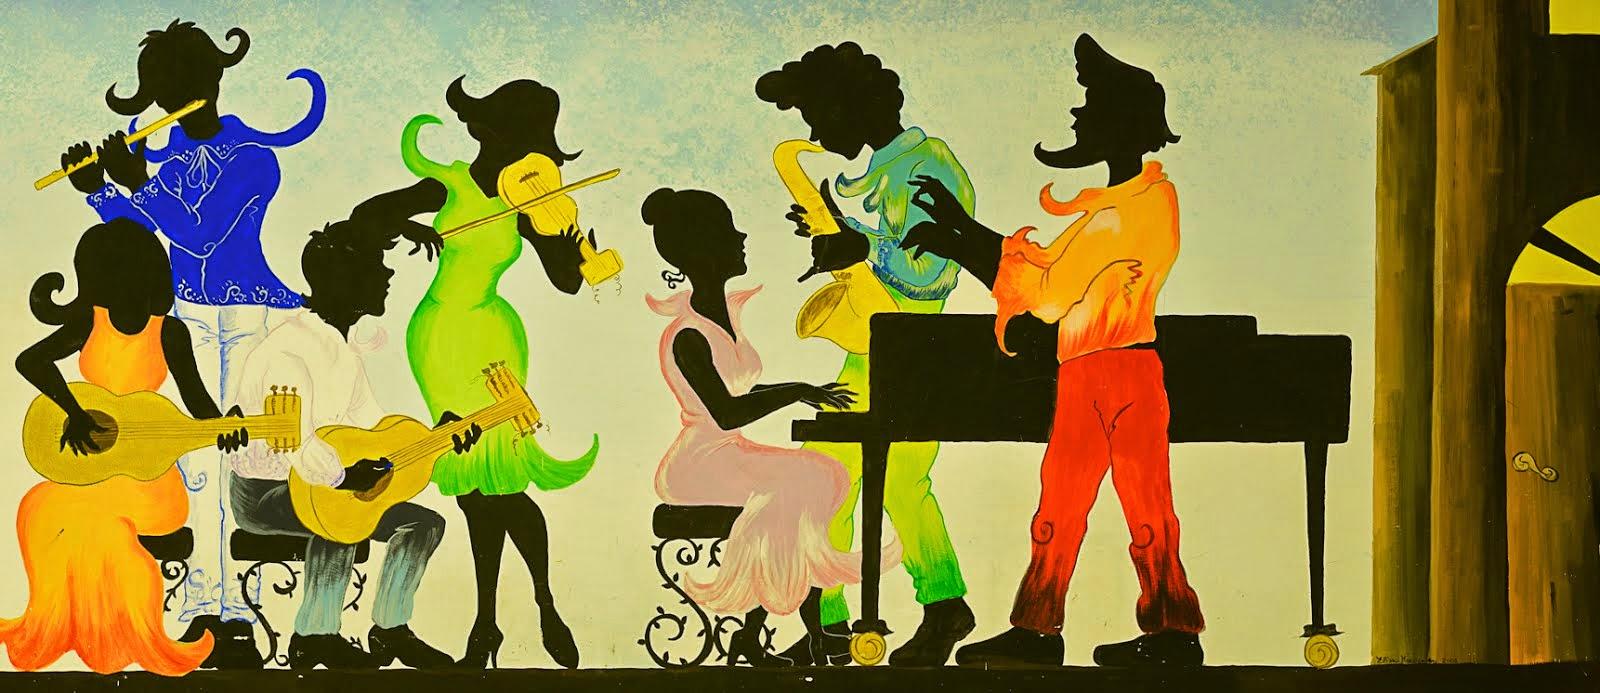 associazione culturale che promuove le arti, la cultura e il piacere d'incontrarsi